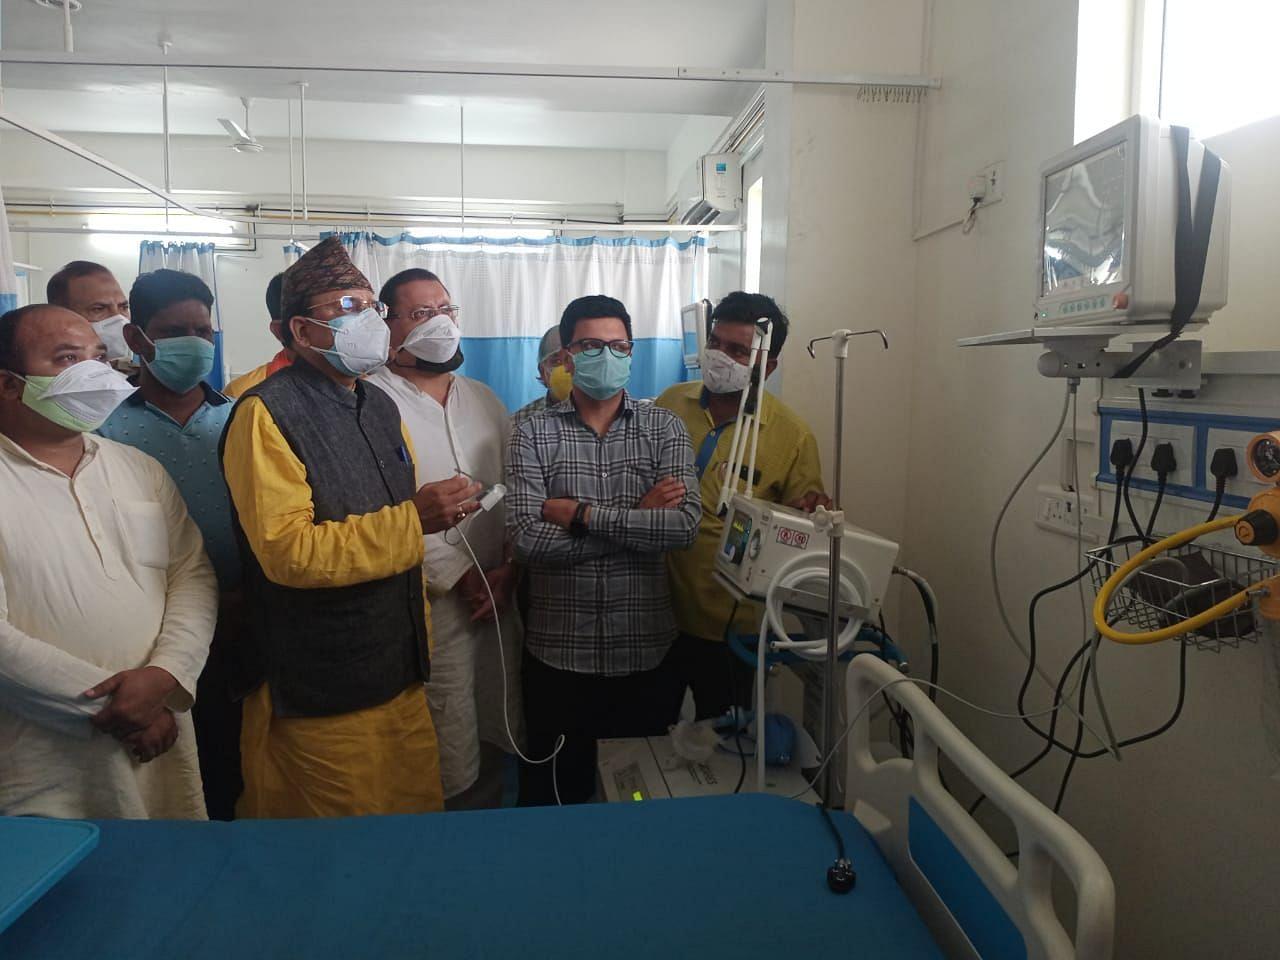 खटीमा में नागरिक अस्पताल में आईसीयू का निरीक्षण करते सांसद अजय भट्ट।